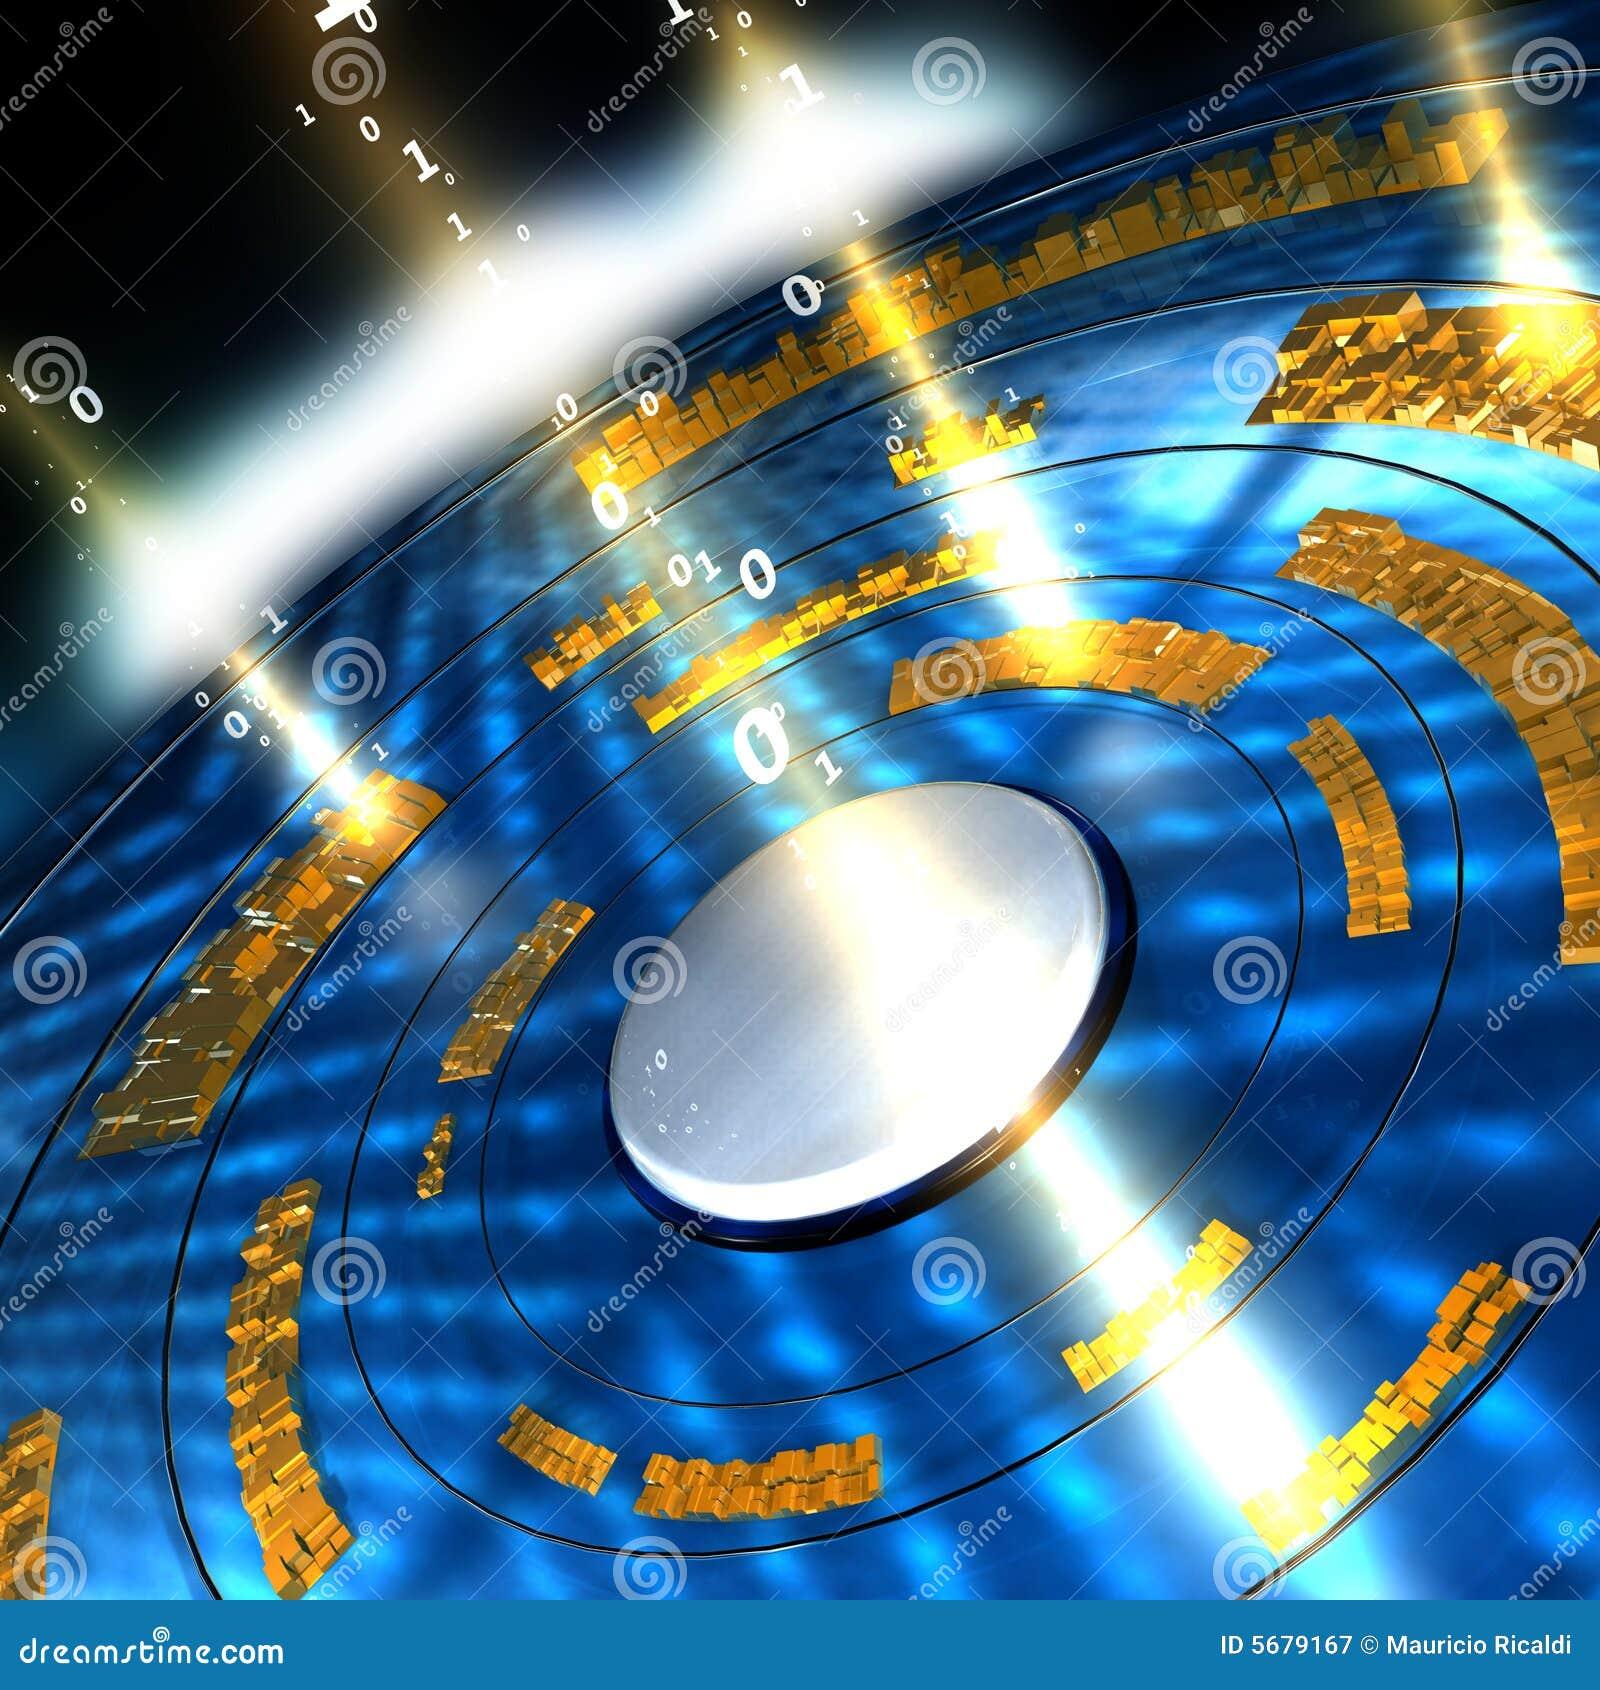 Fluxo De Dados Ilustra U00e7 U00e3o Stock  Ilustra U00e7 U00e3o De Raio  Velocidade